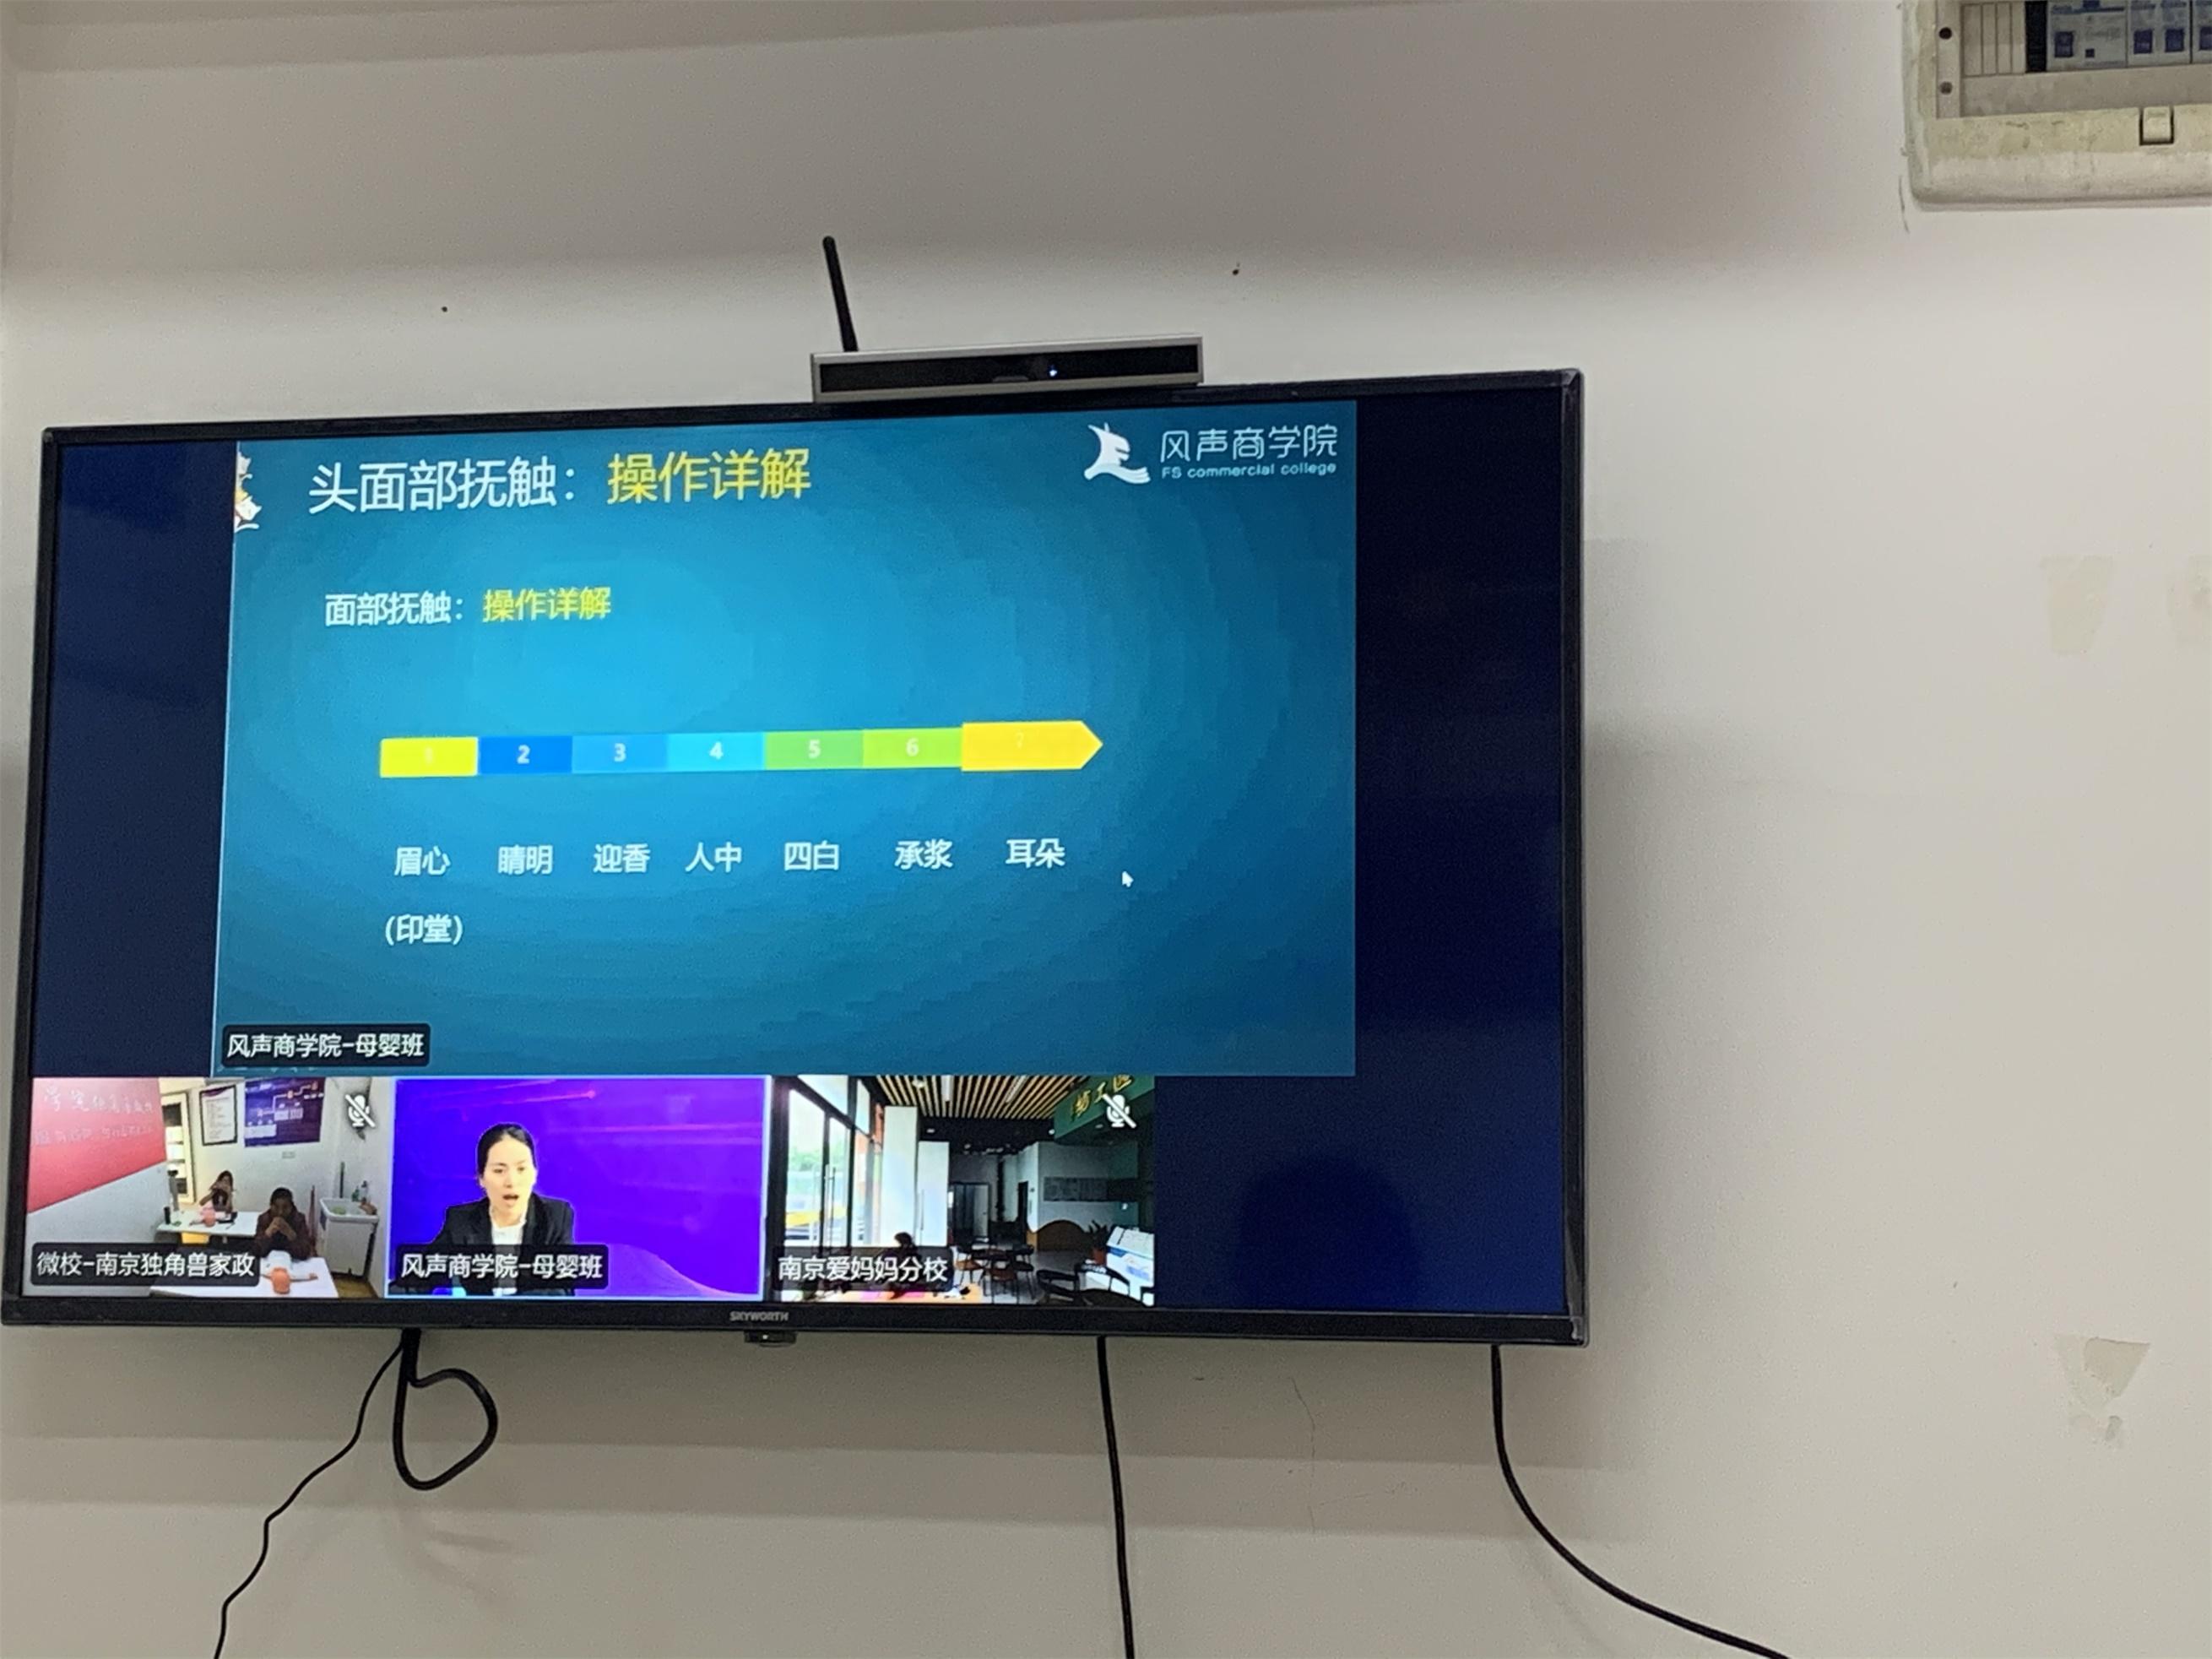 风声商学院 南京独角兽家政月嫂培训公司,开课培训一对一指导现场!